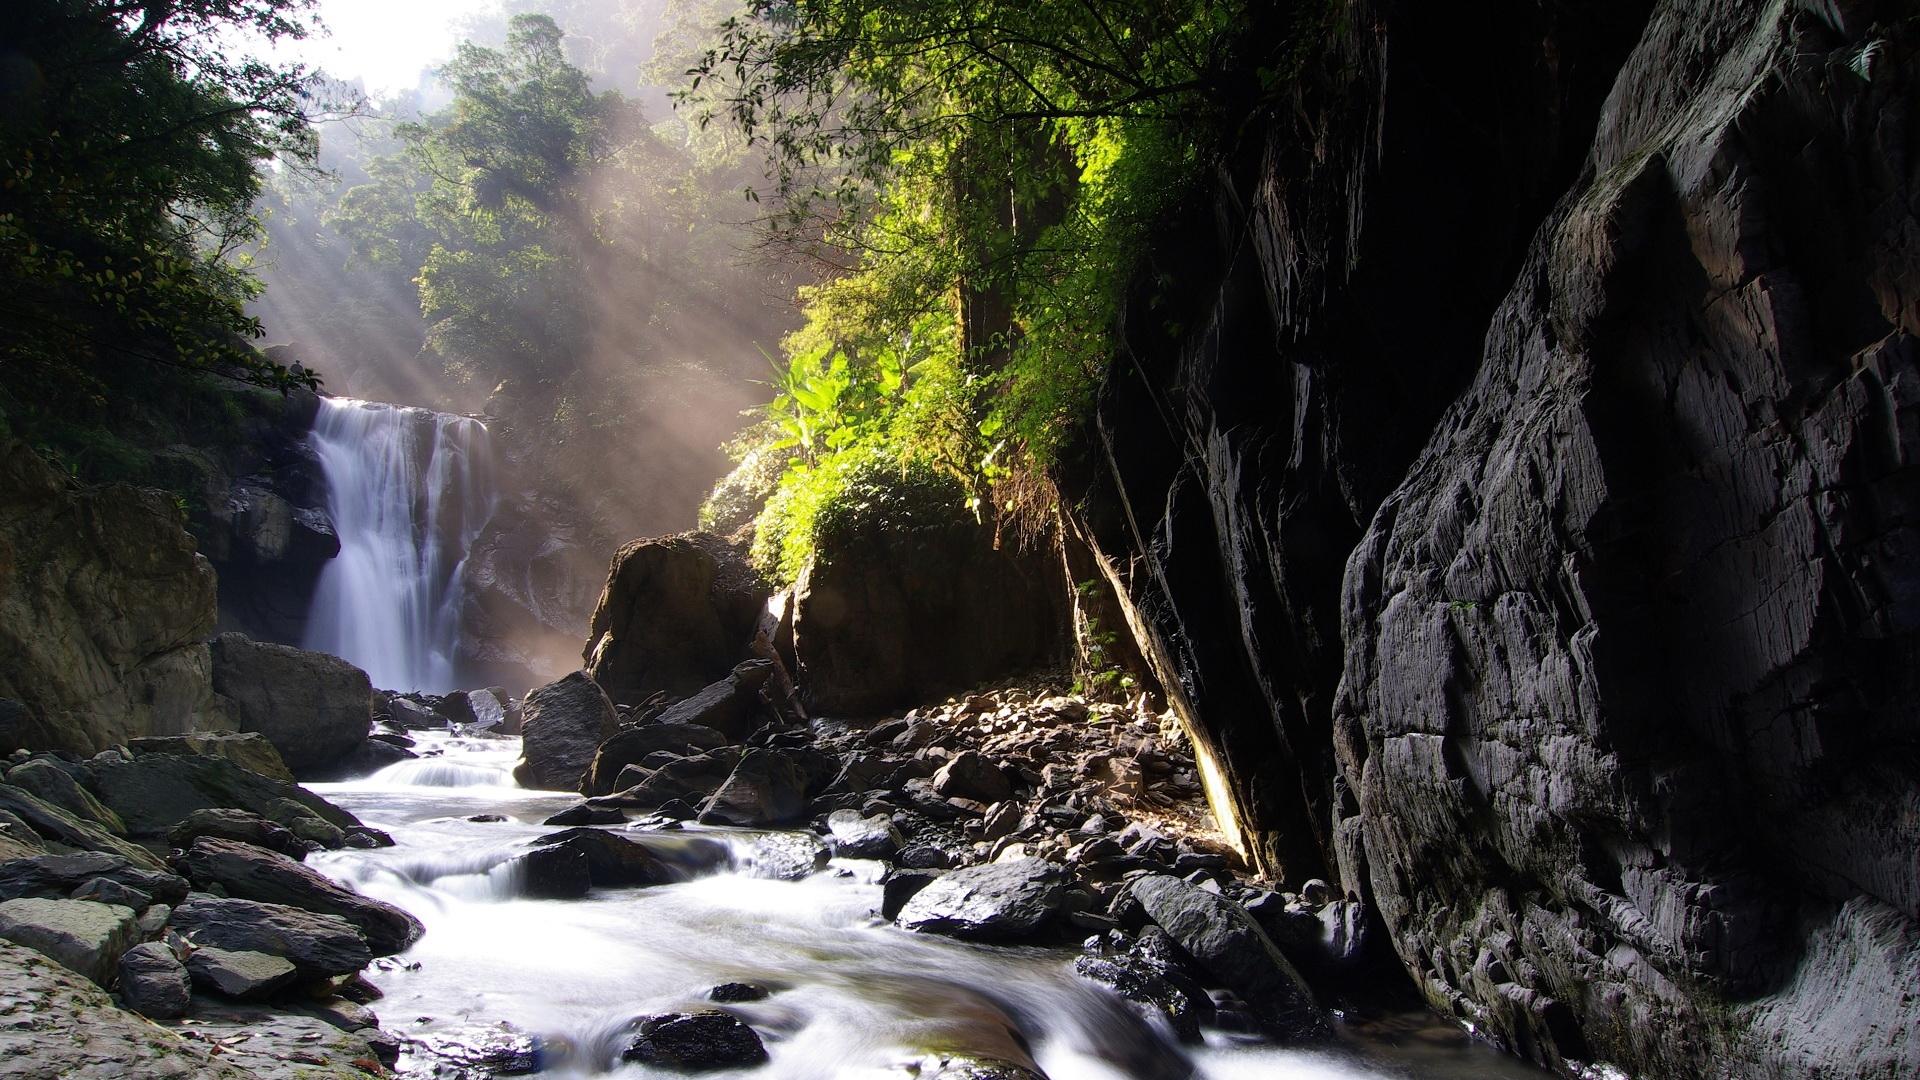 36965 скачать обои Пейзаж, Водопады - заставки и картинки бесплатно